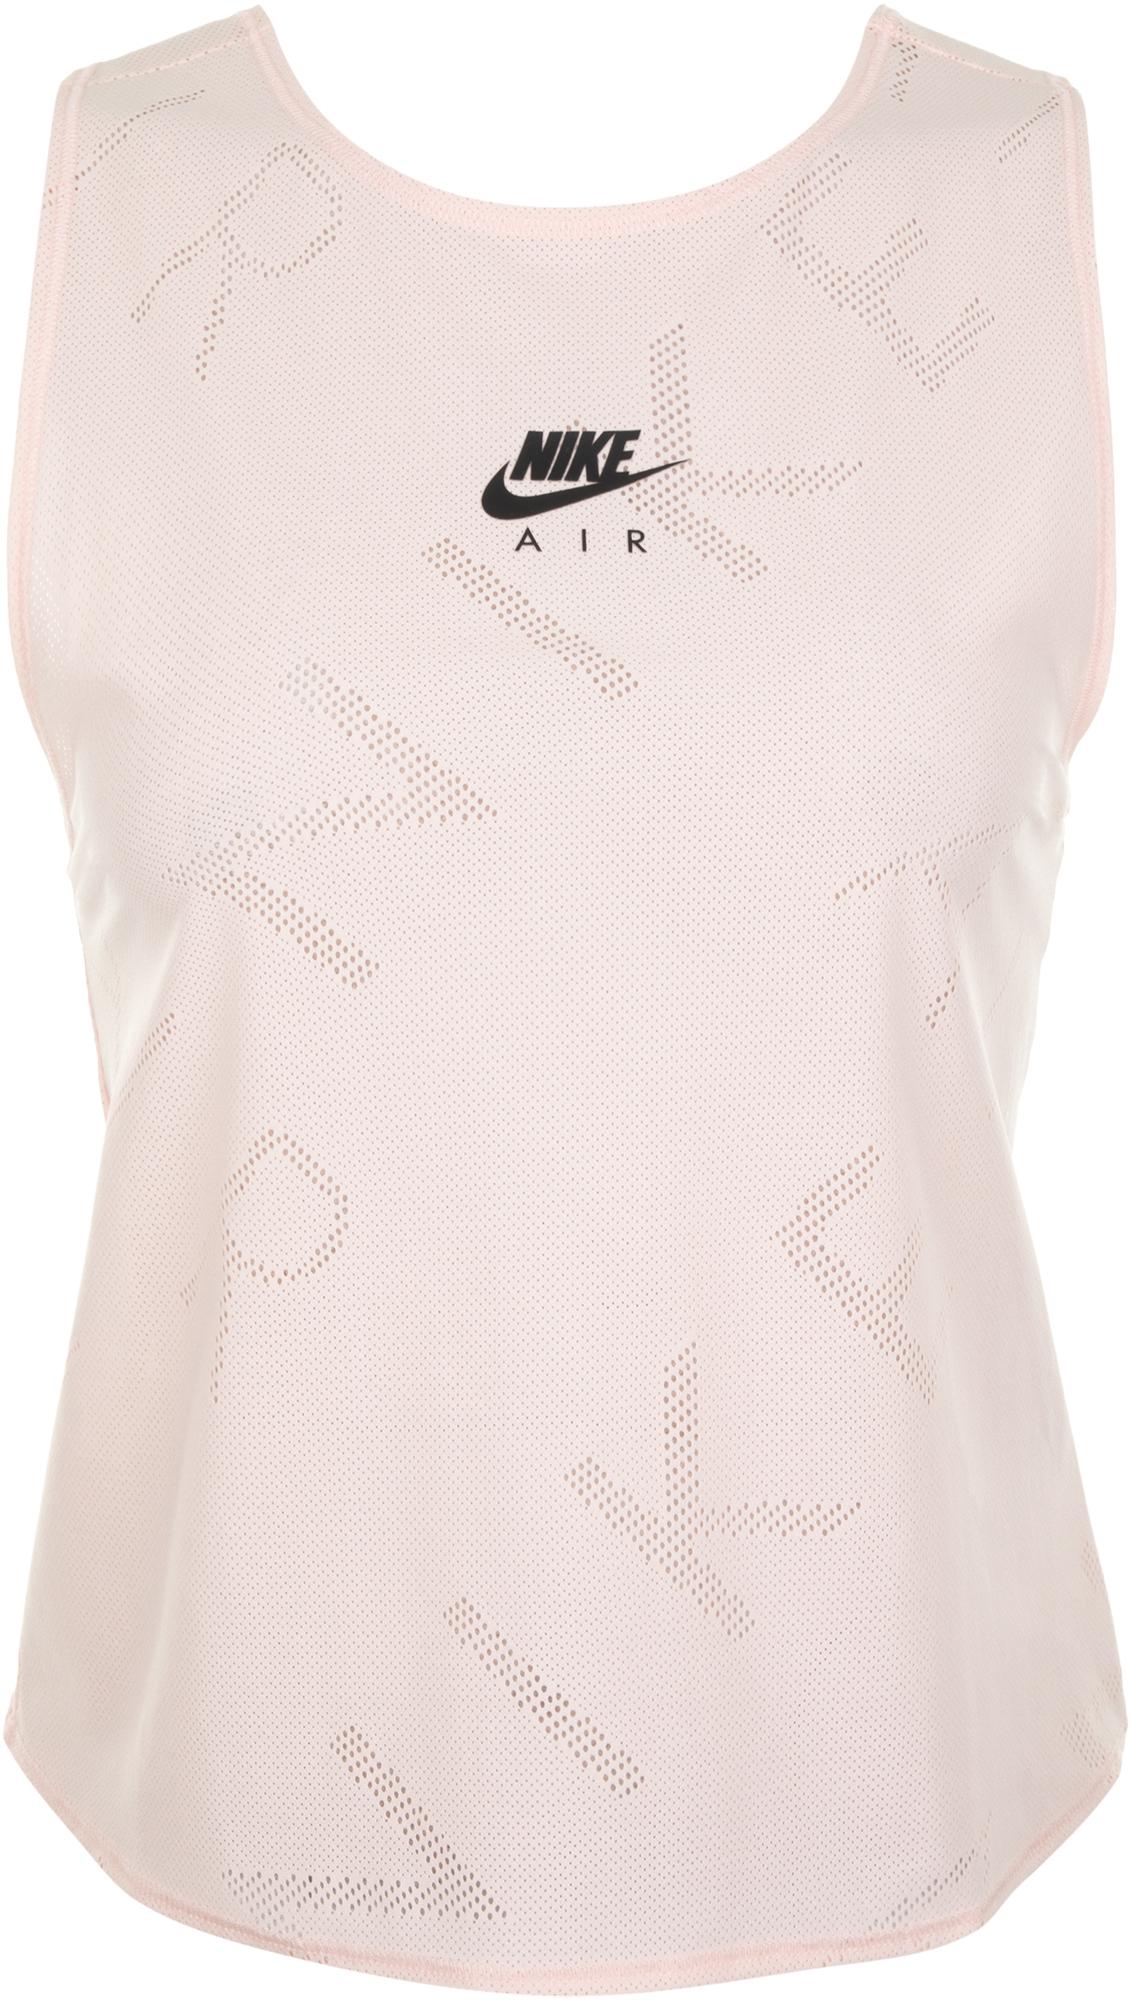 Nike Майка женская Nike Air, размер 46-48 nike майка женская nike air размер 46 48